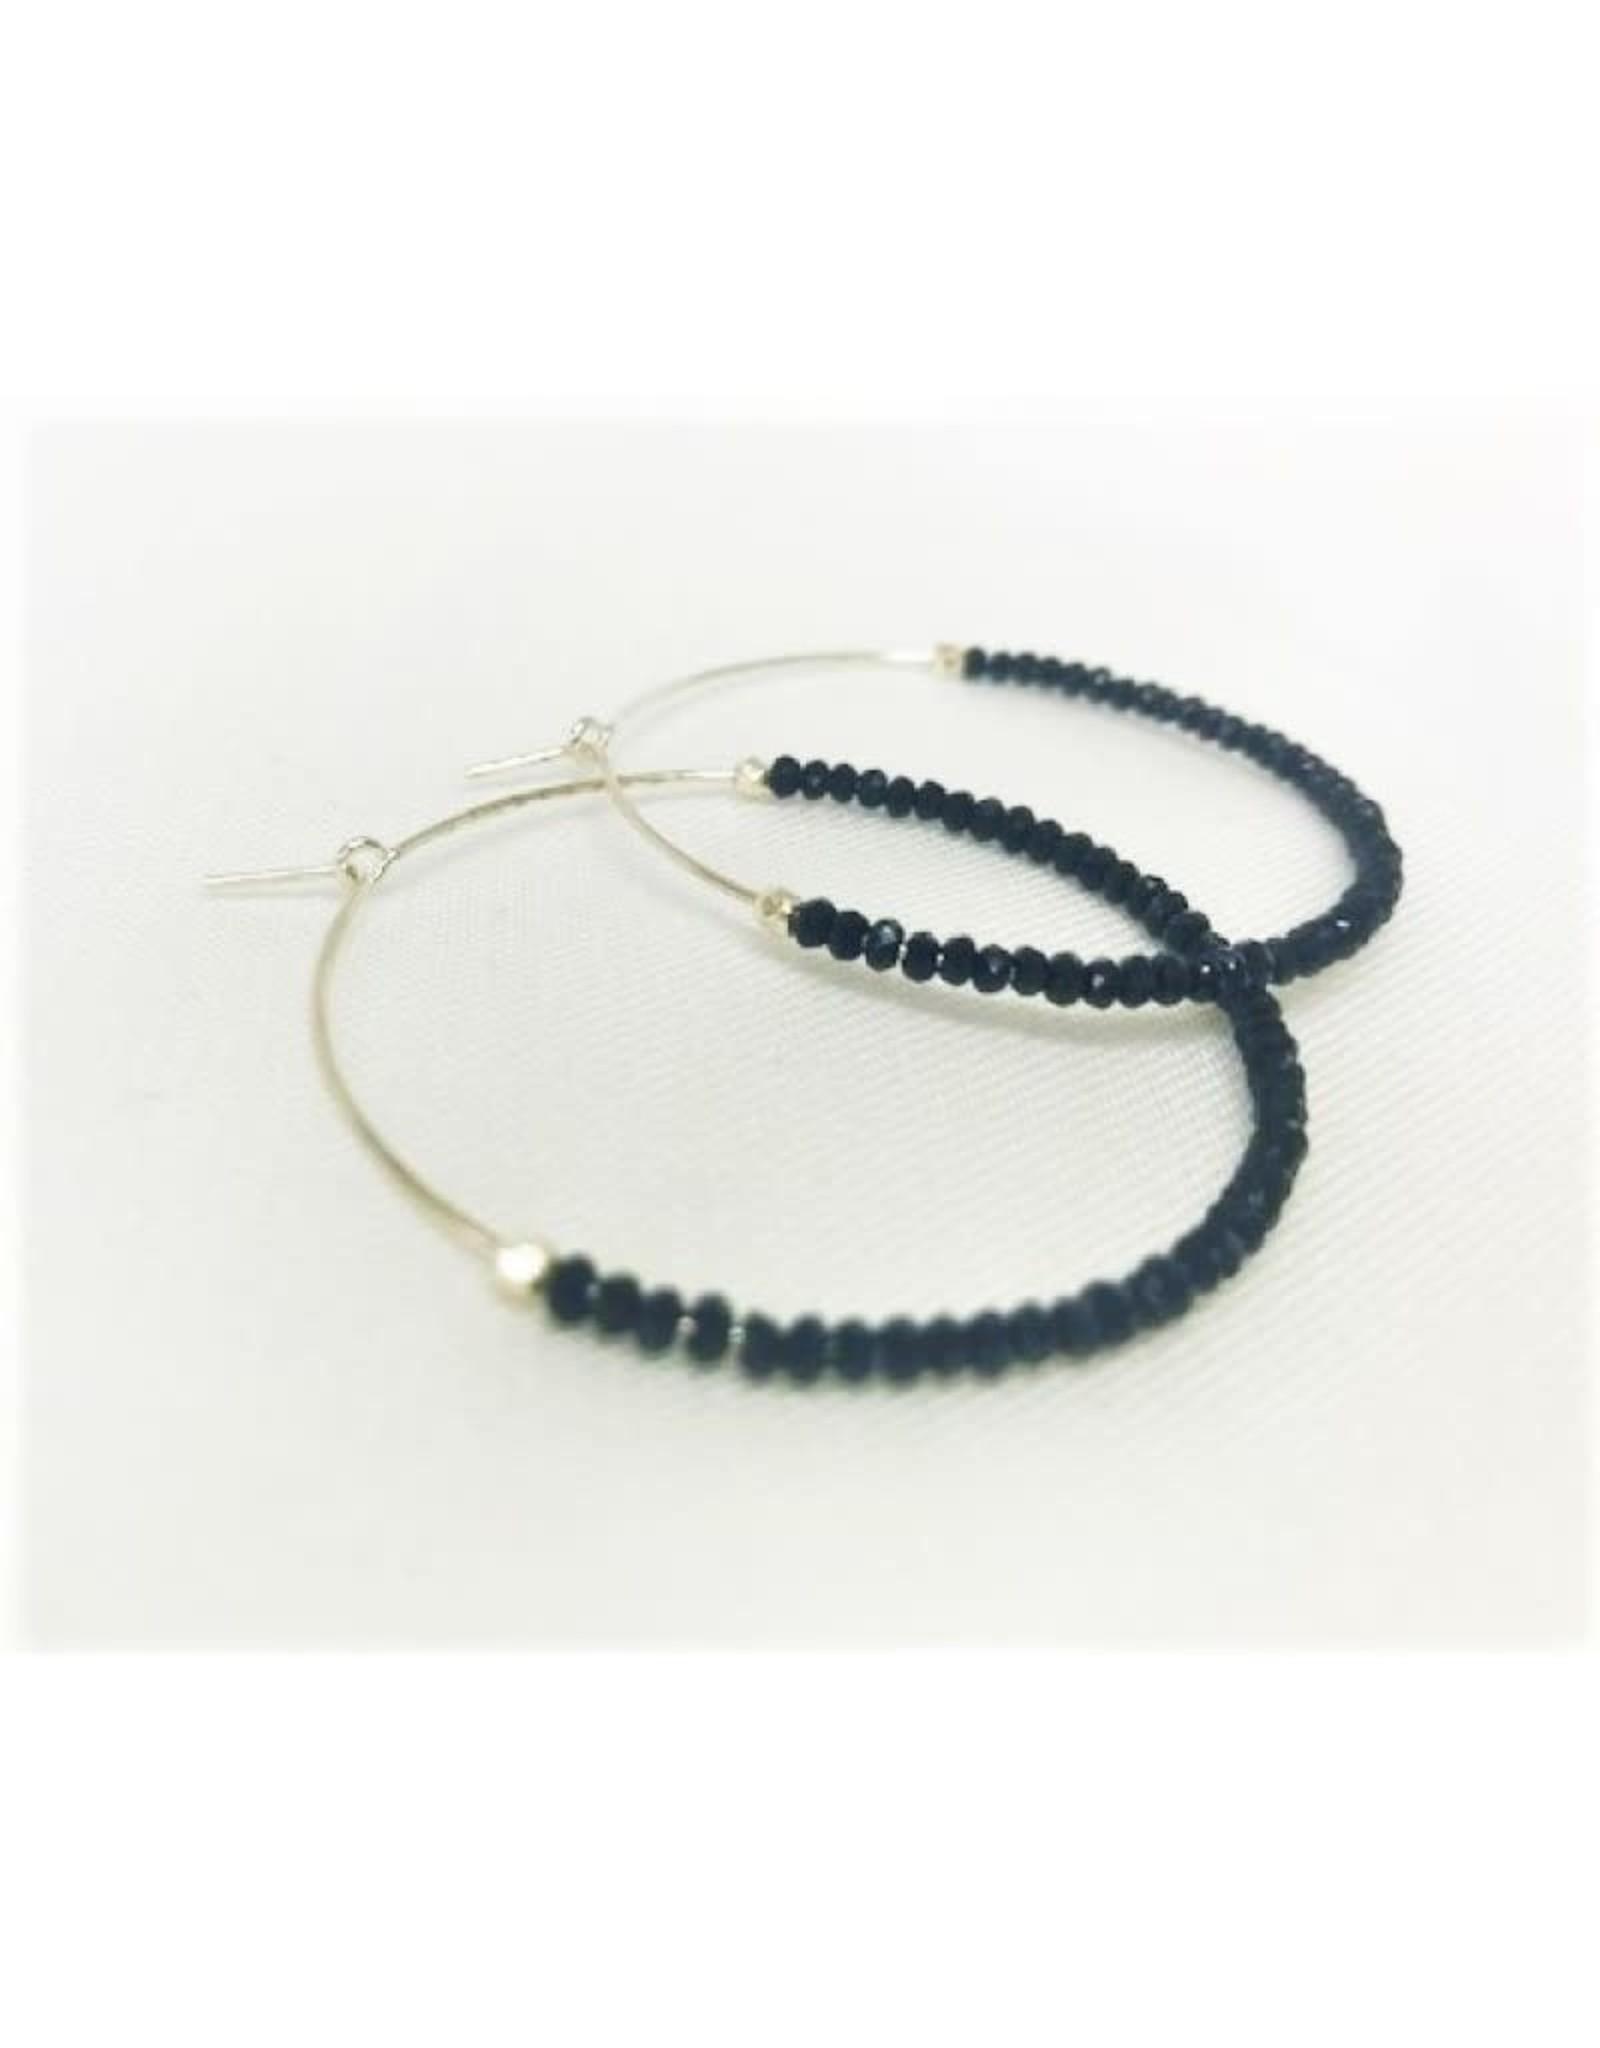 Hoop Earrings - Black Spinal/Silver